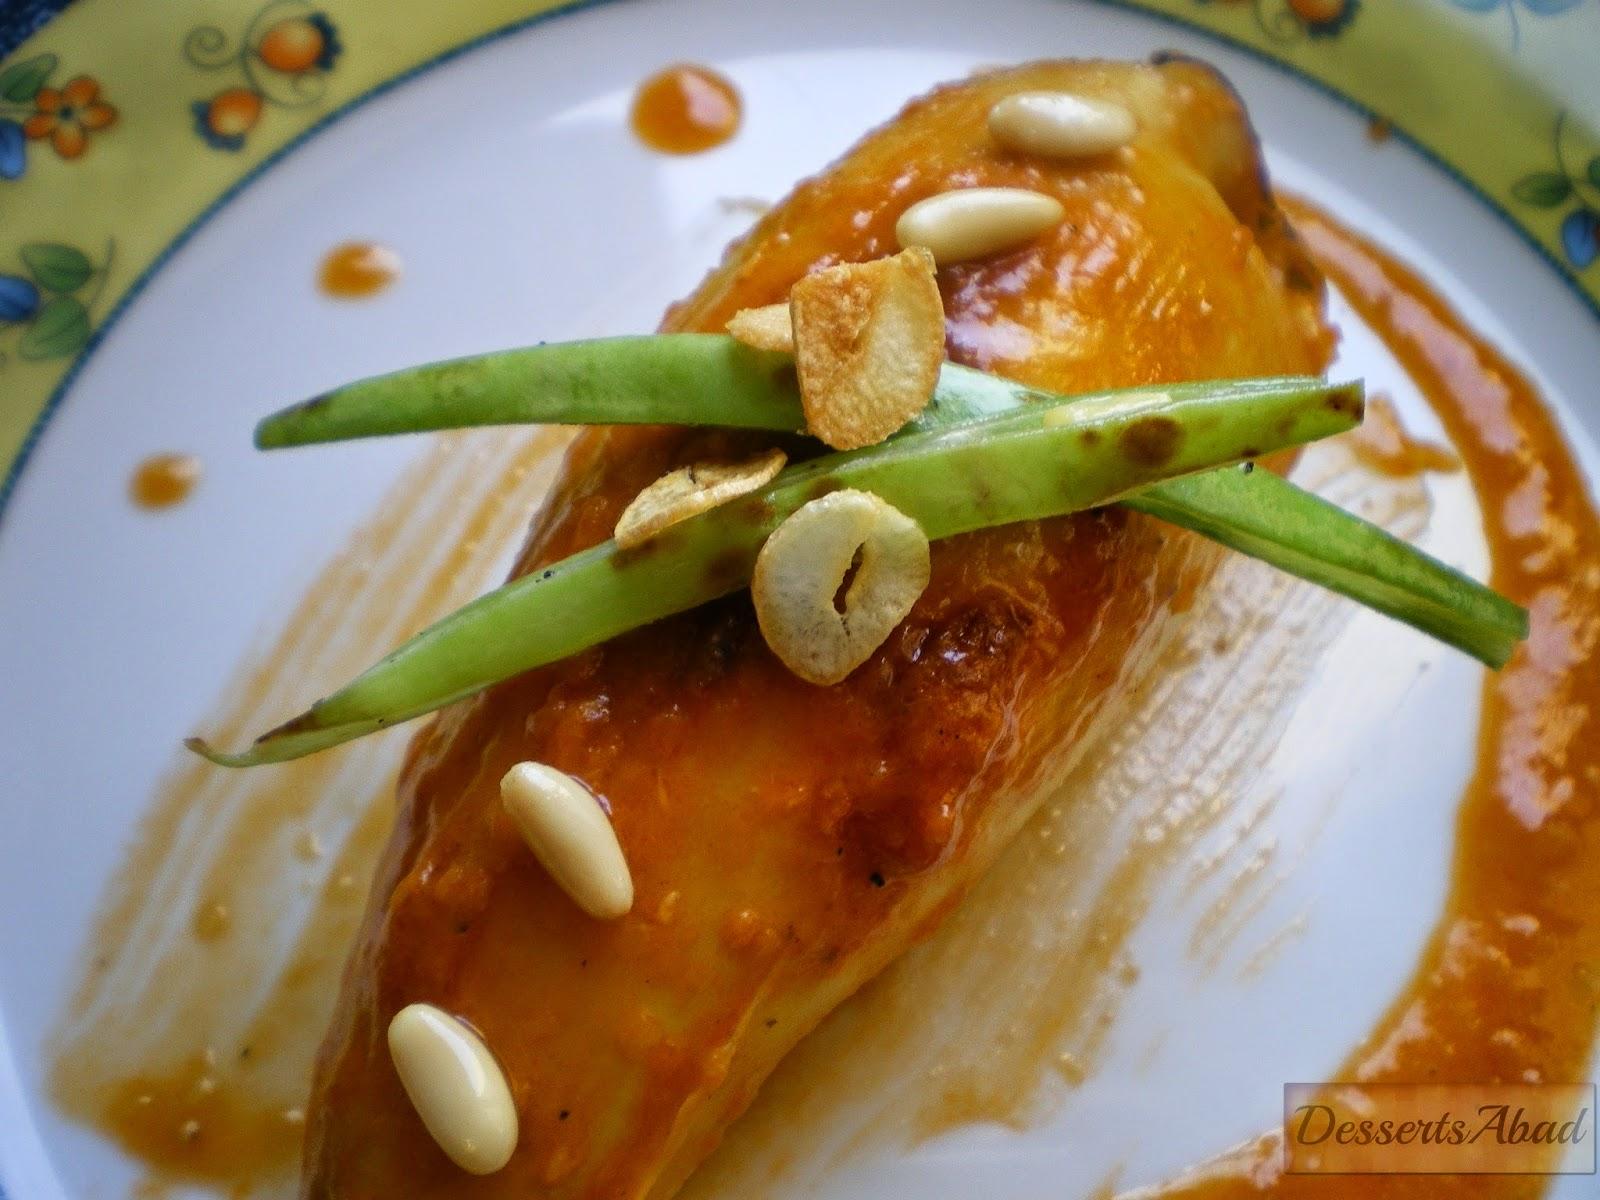 Calamares rellenos de arroz, pasas y nueces con salteado de judías